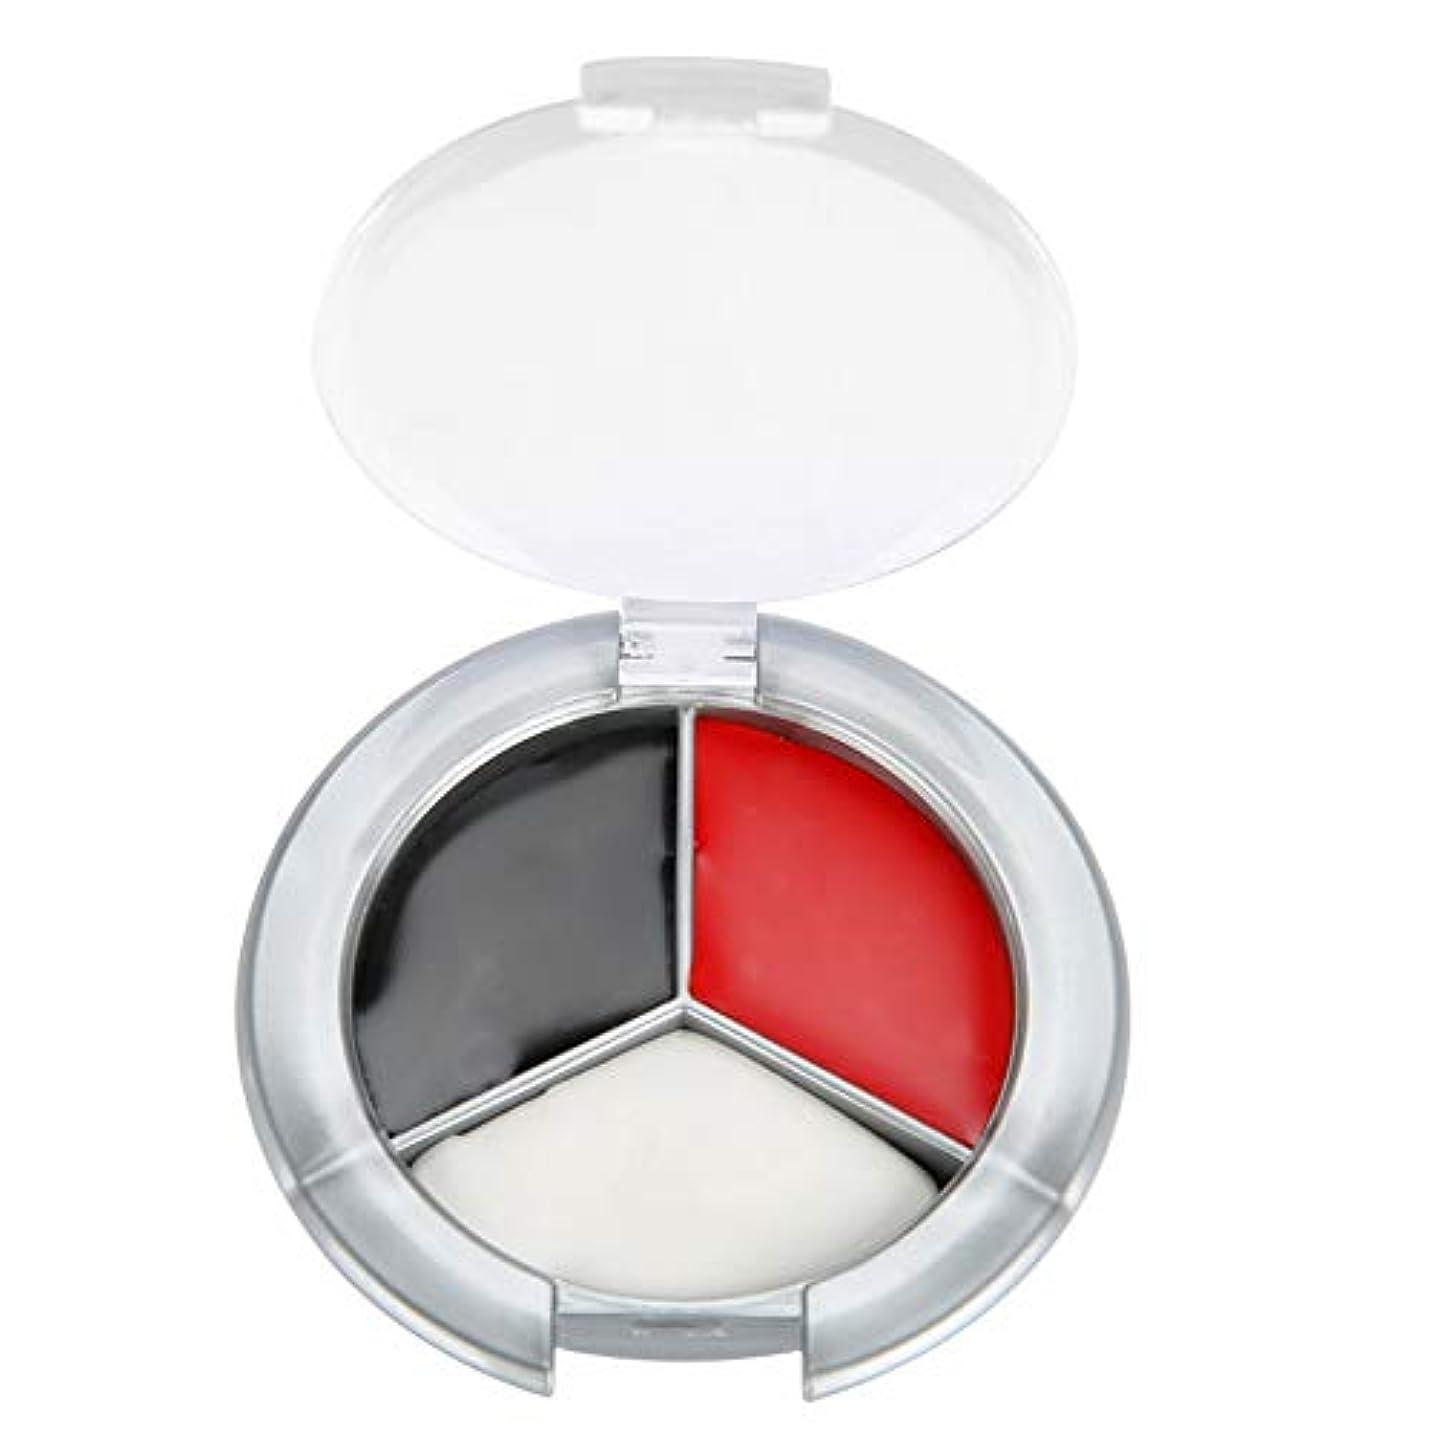 メーターベルトハイライトハロウィンメイクアップフェイスペイント油、3色プロフェッショナルフェイスボディペイント油絵アートイースターに最適、テーマパーティー、コスプレ、ファンシードレスボール、ステージパフォーマンス(赤、黒、白の3色ペイント)